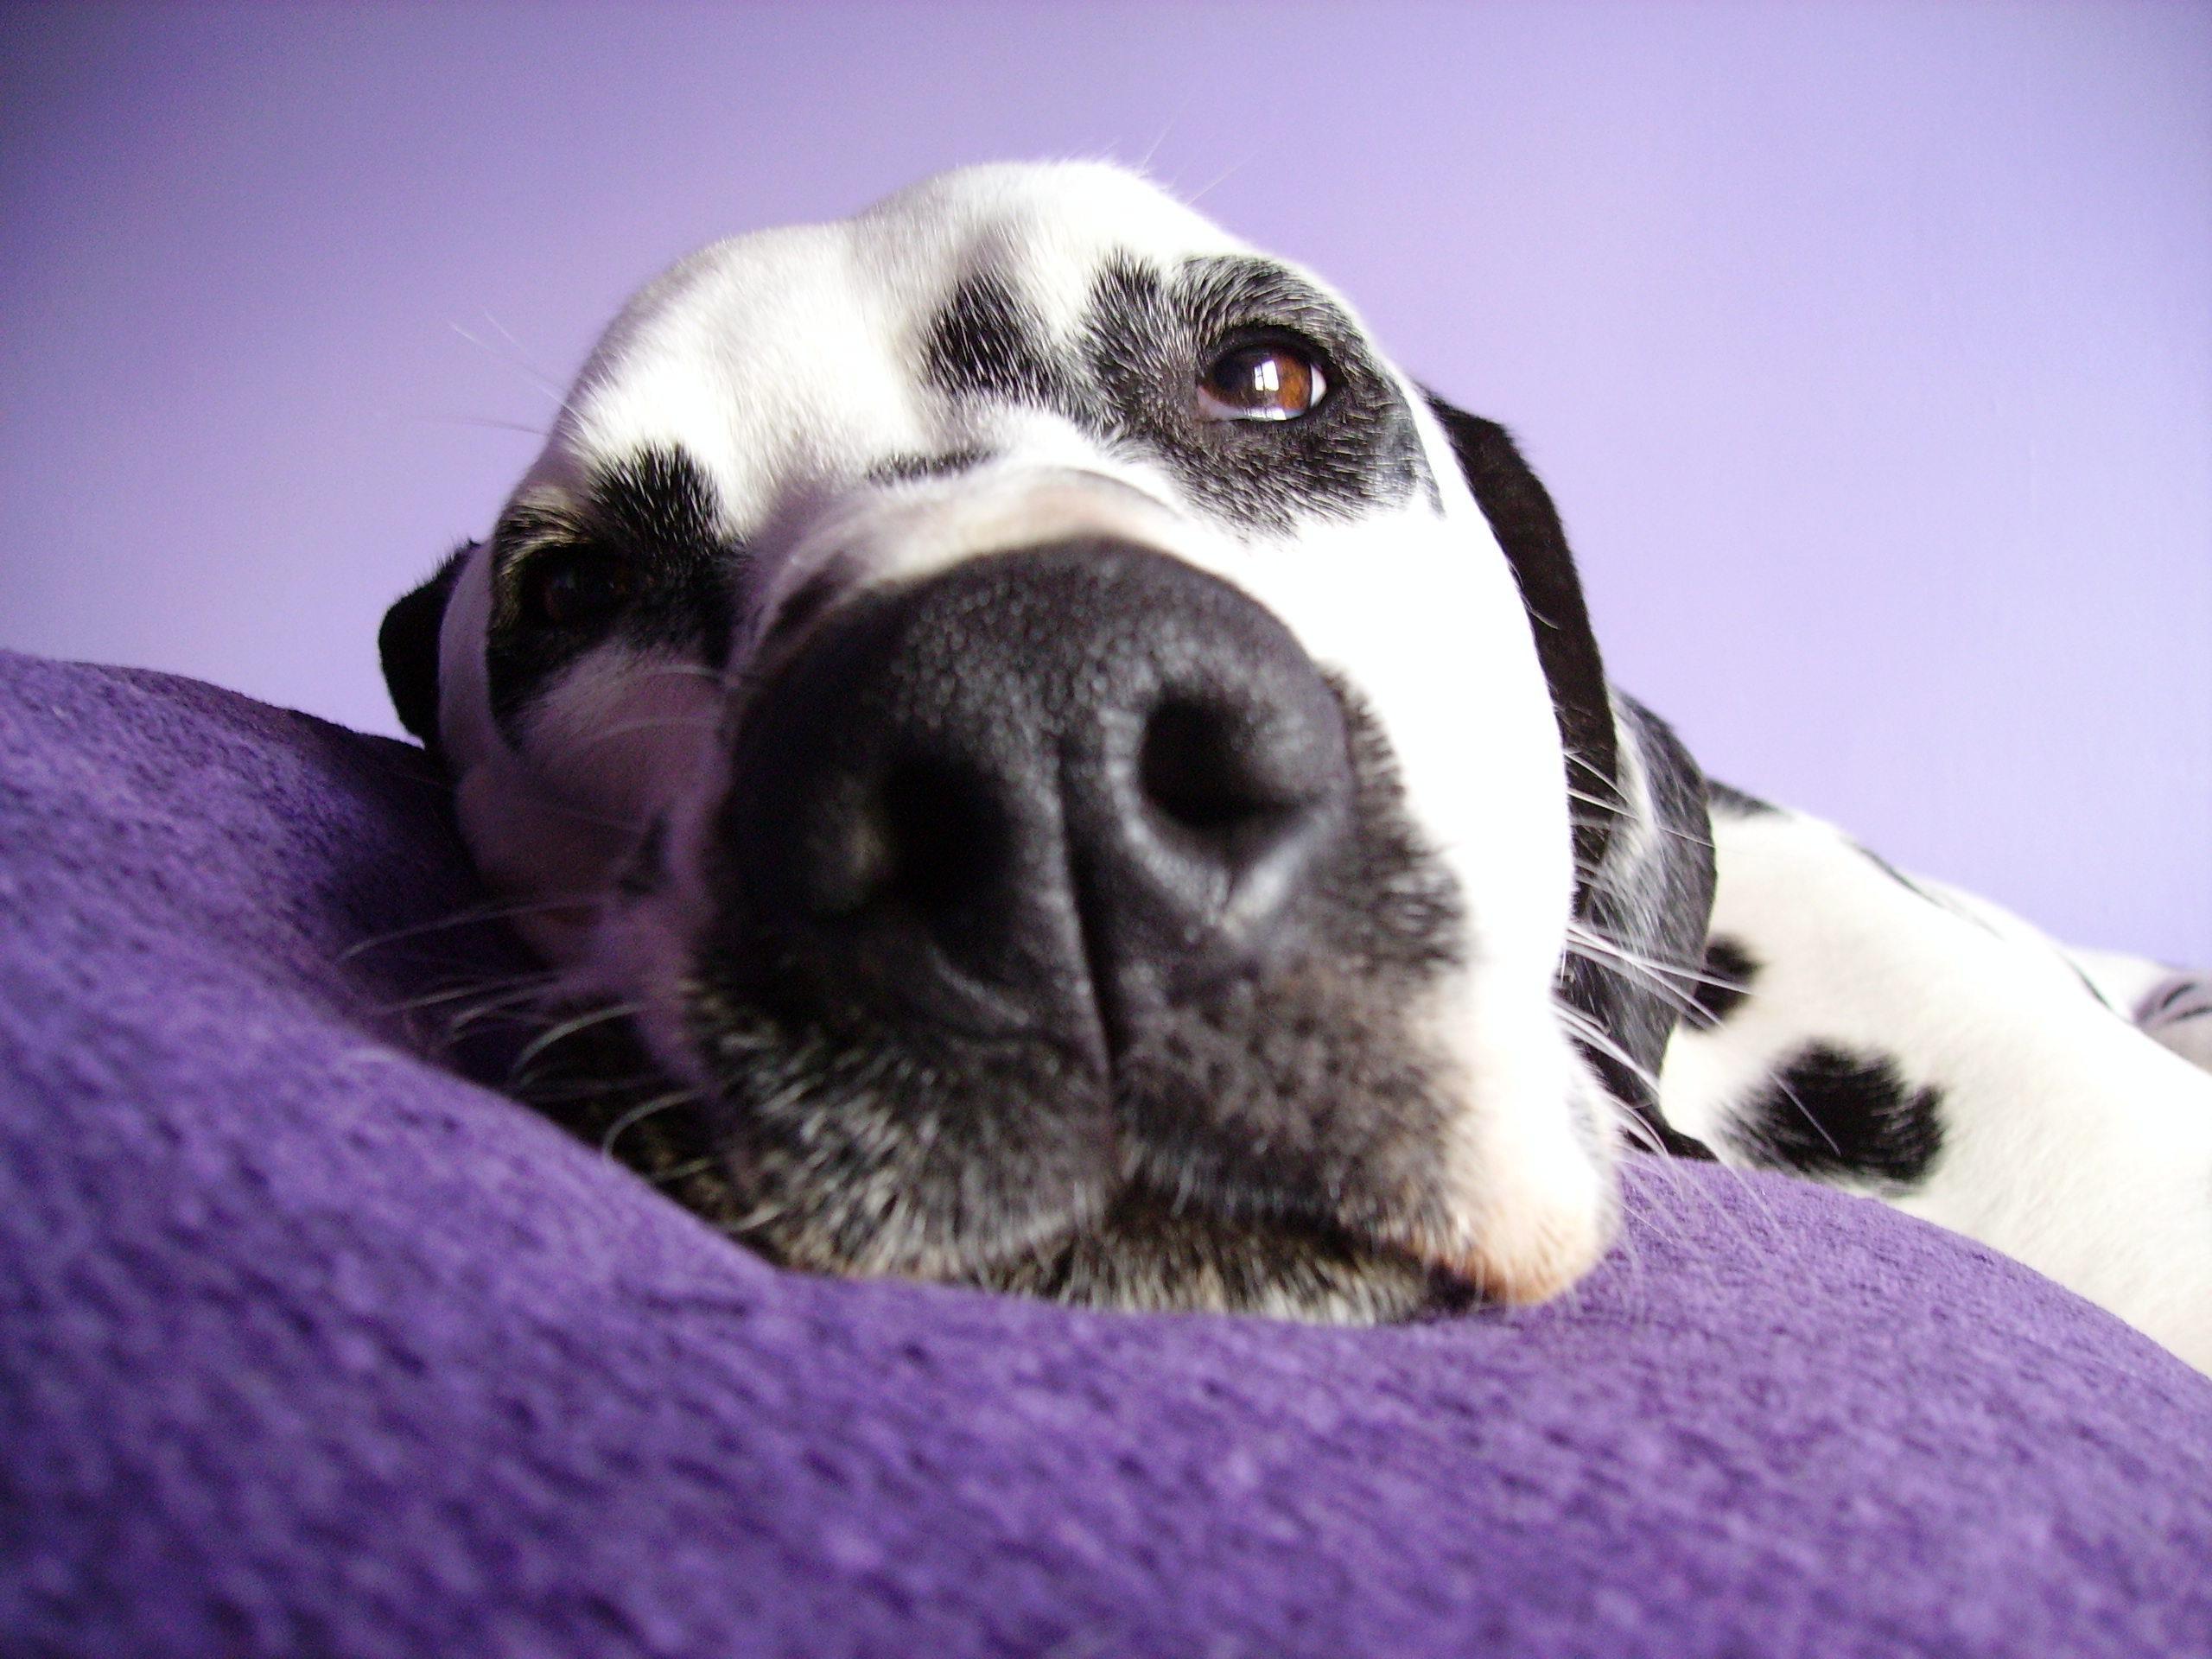 Resting Dalmatian dog  wallpaper